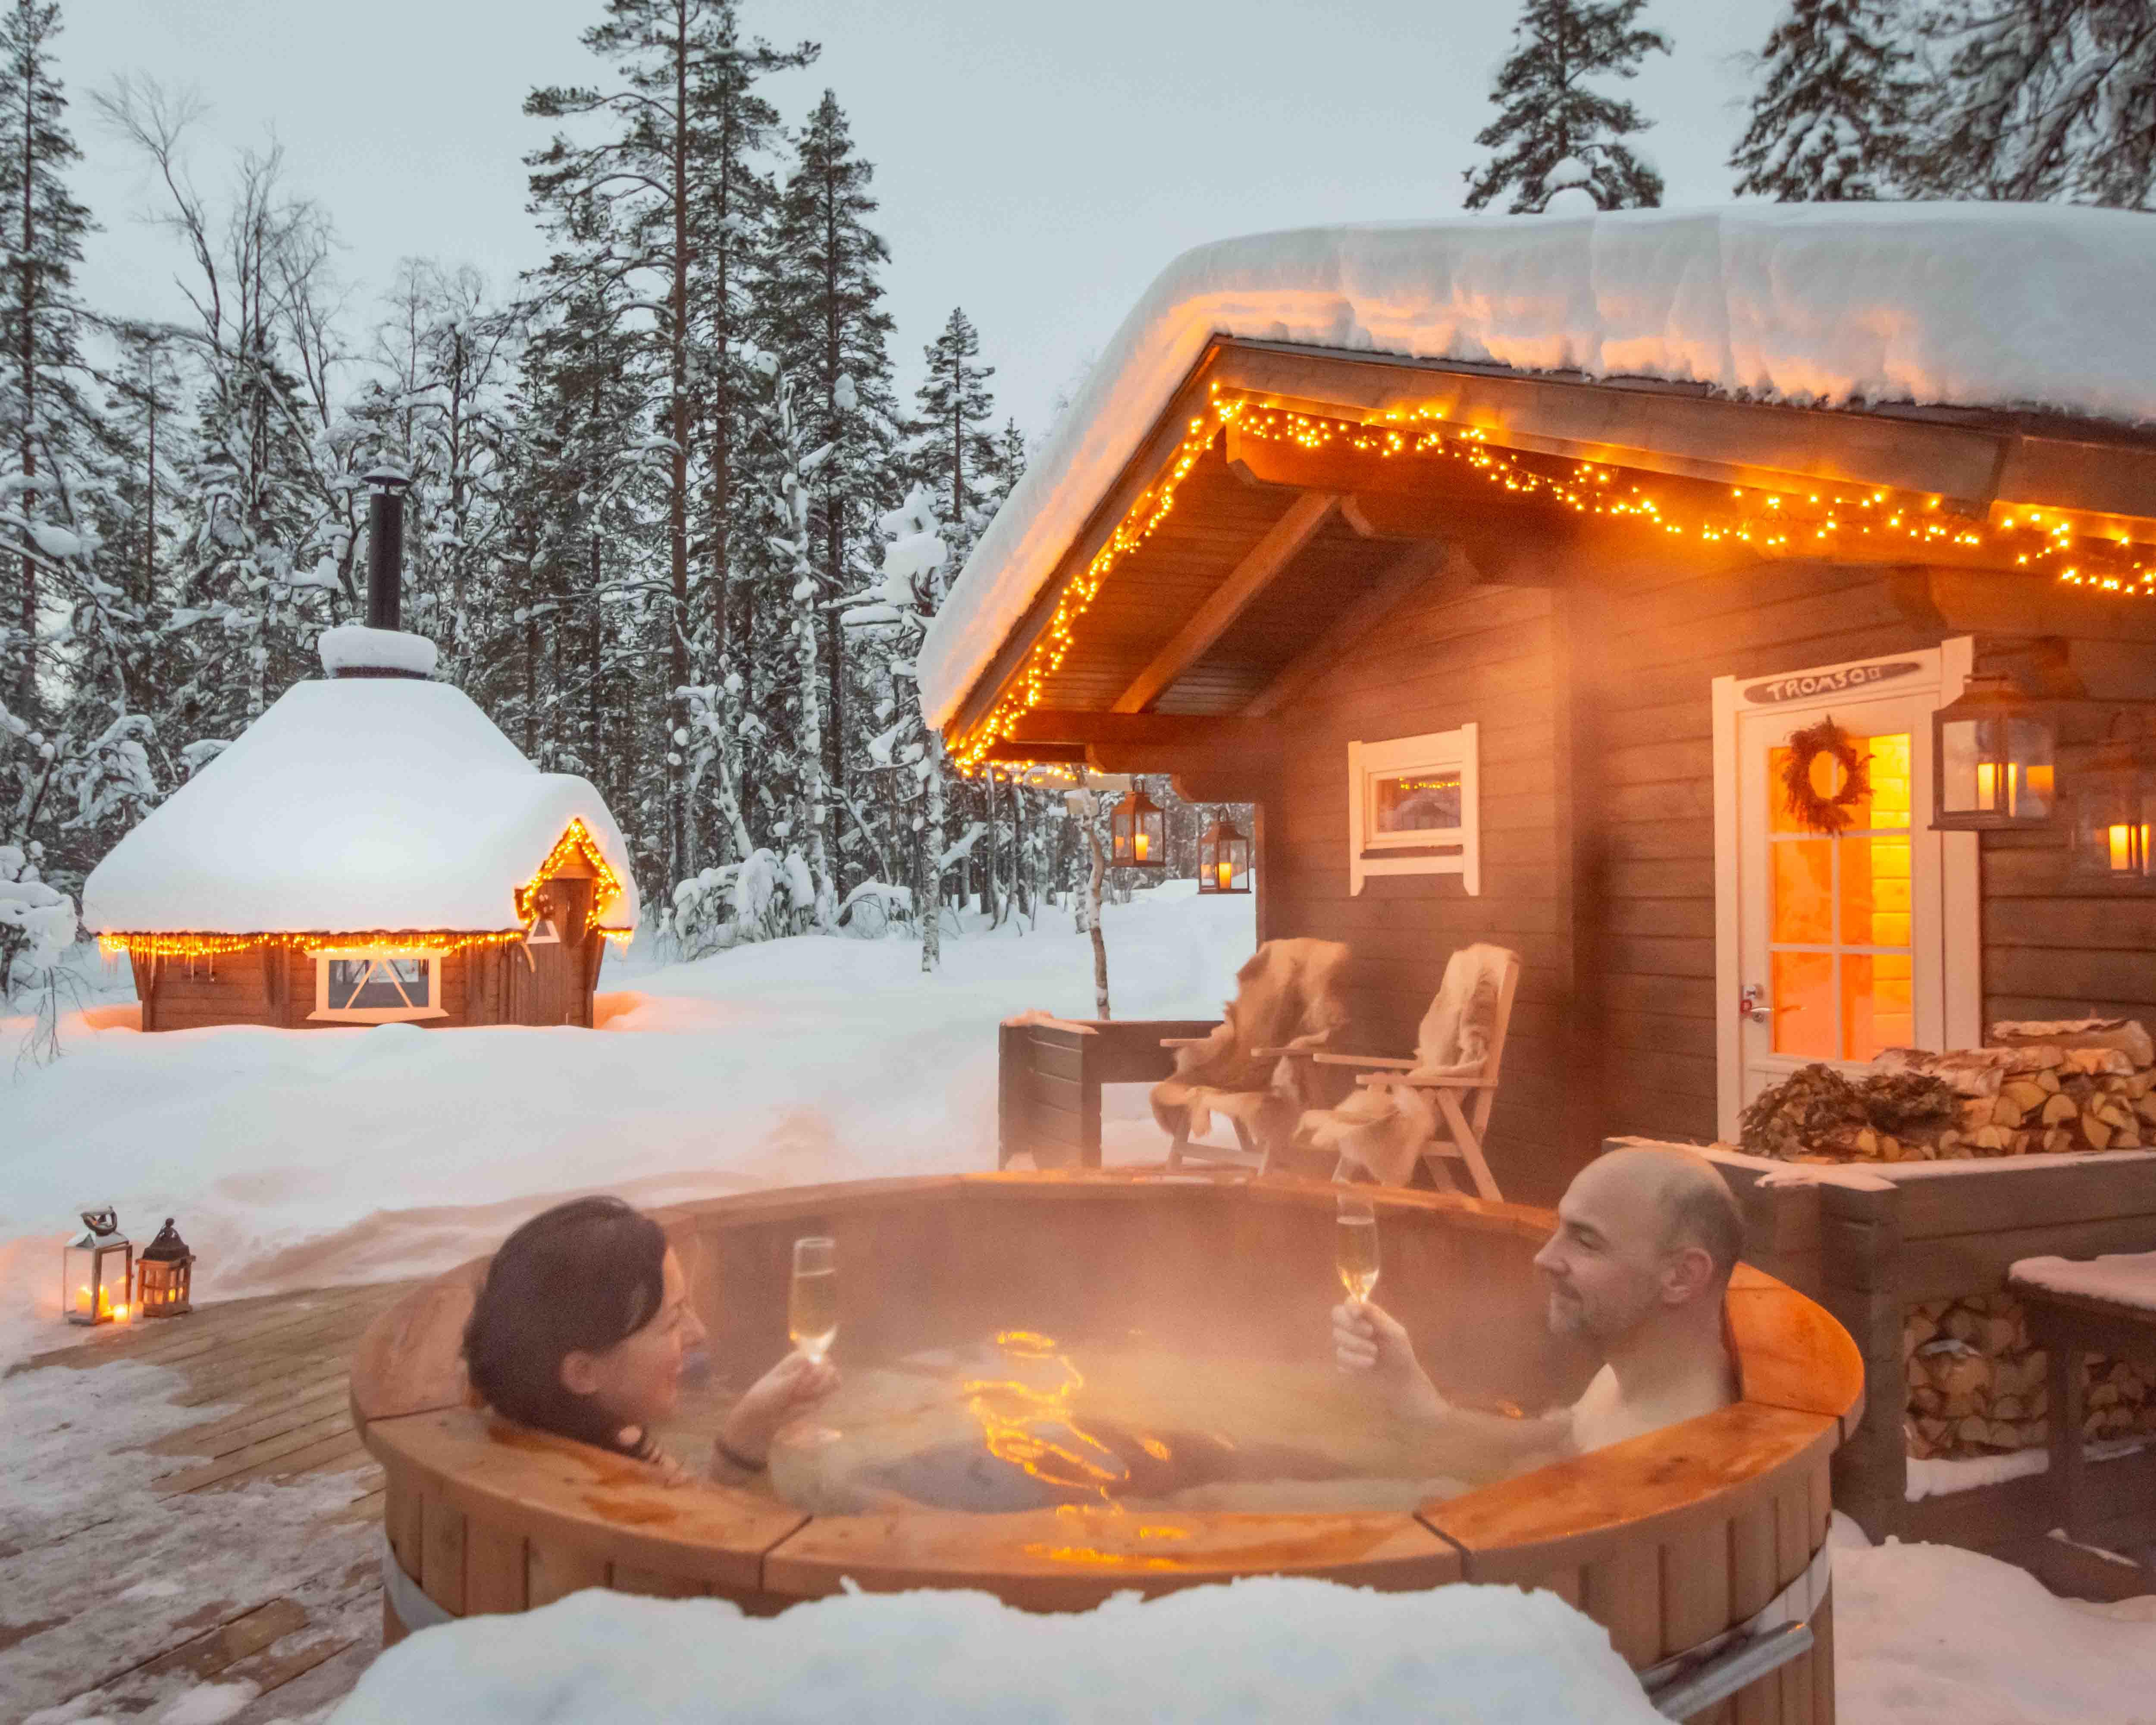 Finn Spa Sauna Experience 1-4 person